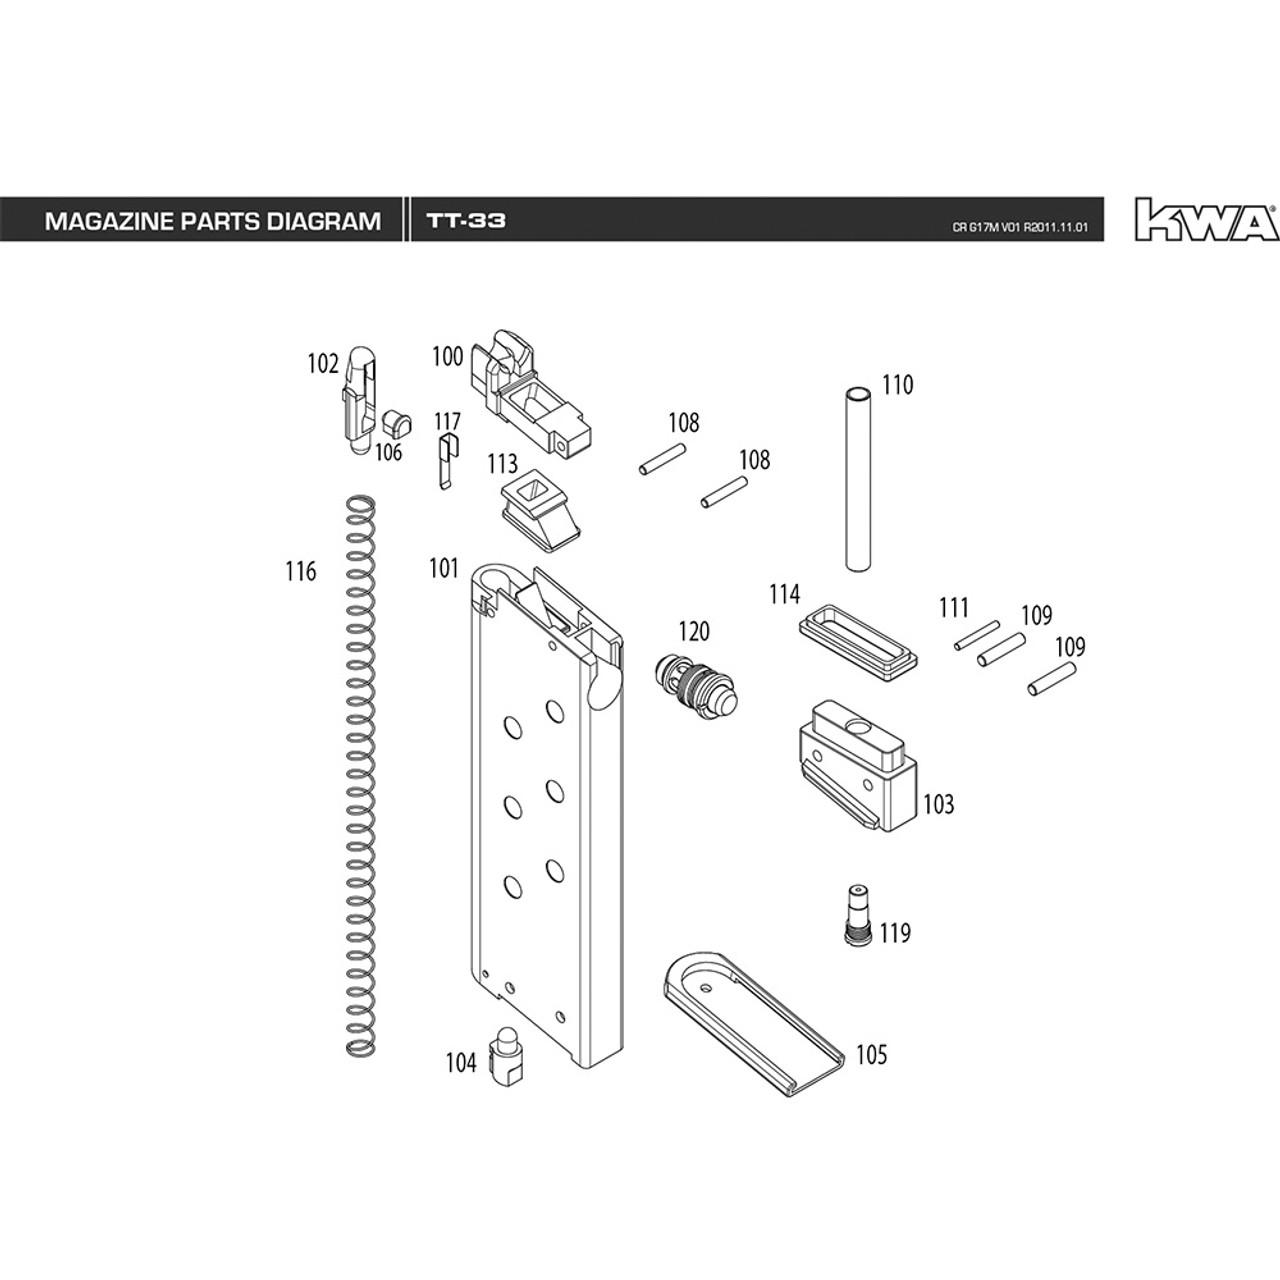 medium resolution of kwa airsoft tt 33 magazine diagram